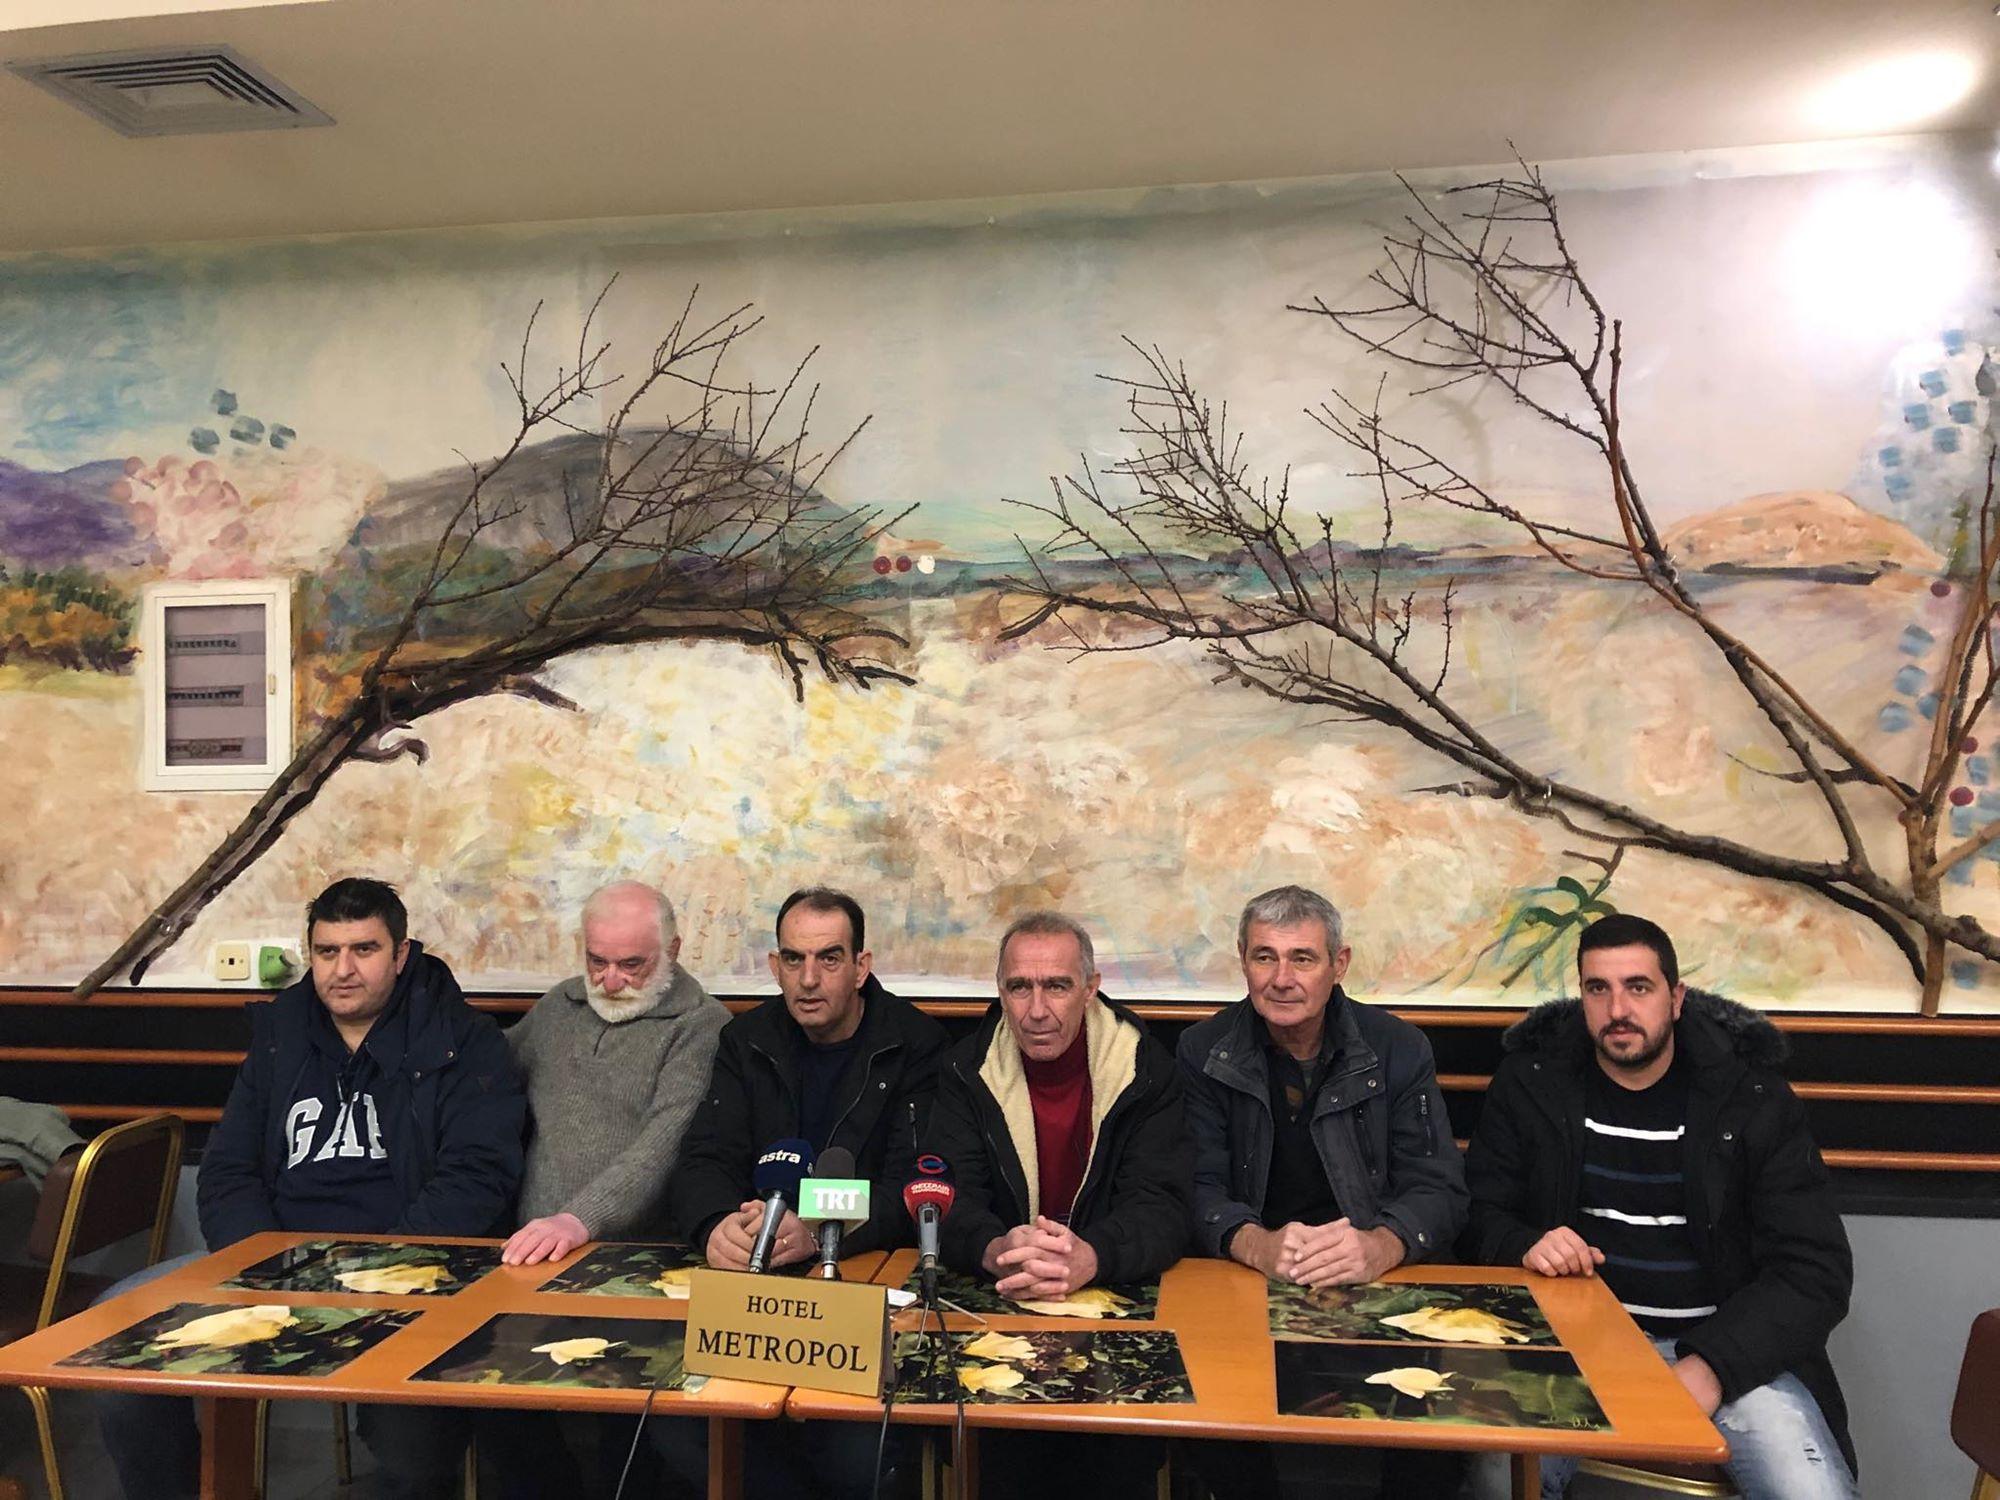 Ξεκινούν οι αγροτικές κινητοποιήσεις: Βγαίνουν στα χωριά τα τρακτέρ και στην Agrotica – Κρίσιμες αποφάσεις στα Φάρσαλα